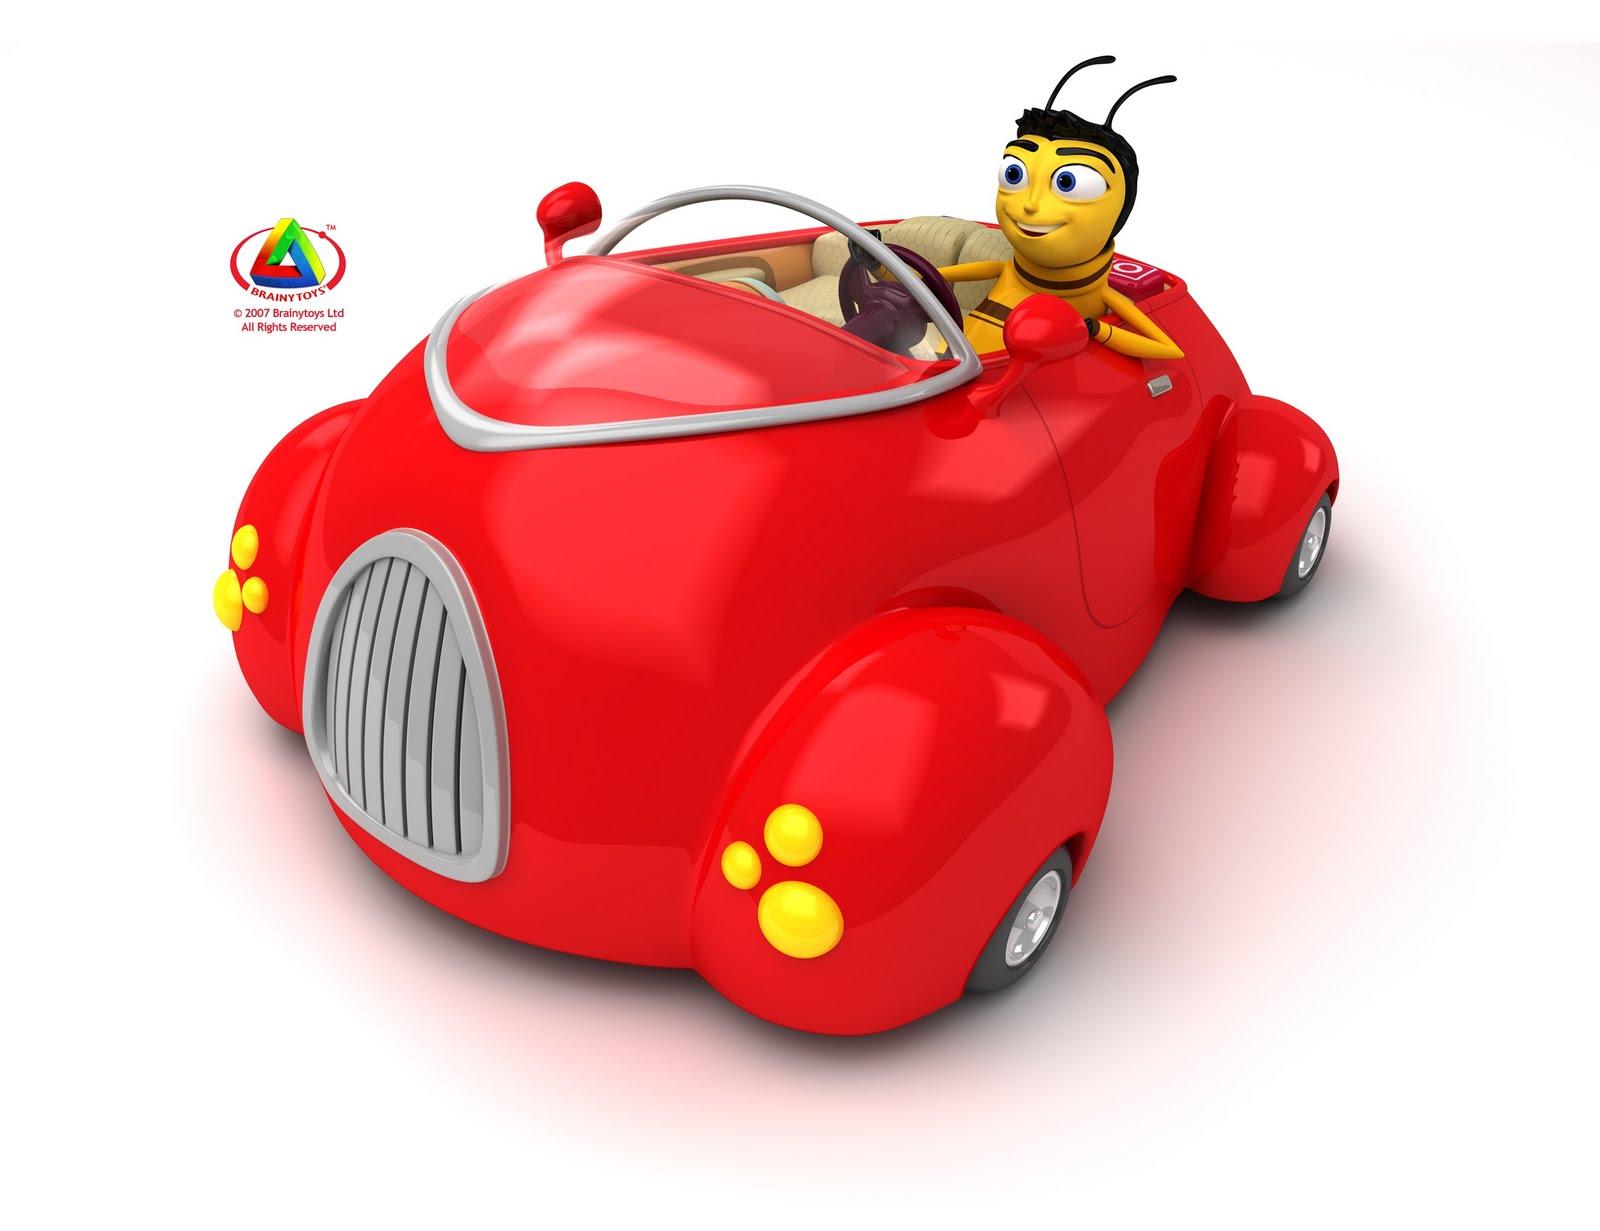 Babies Amp Kids Toys Toy Car